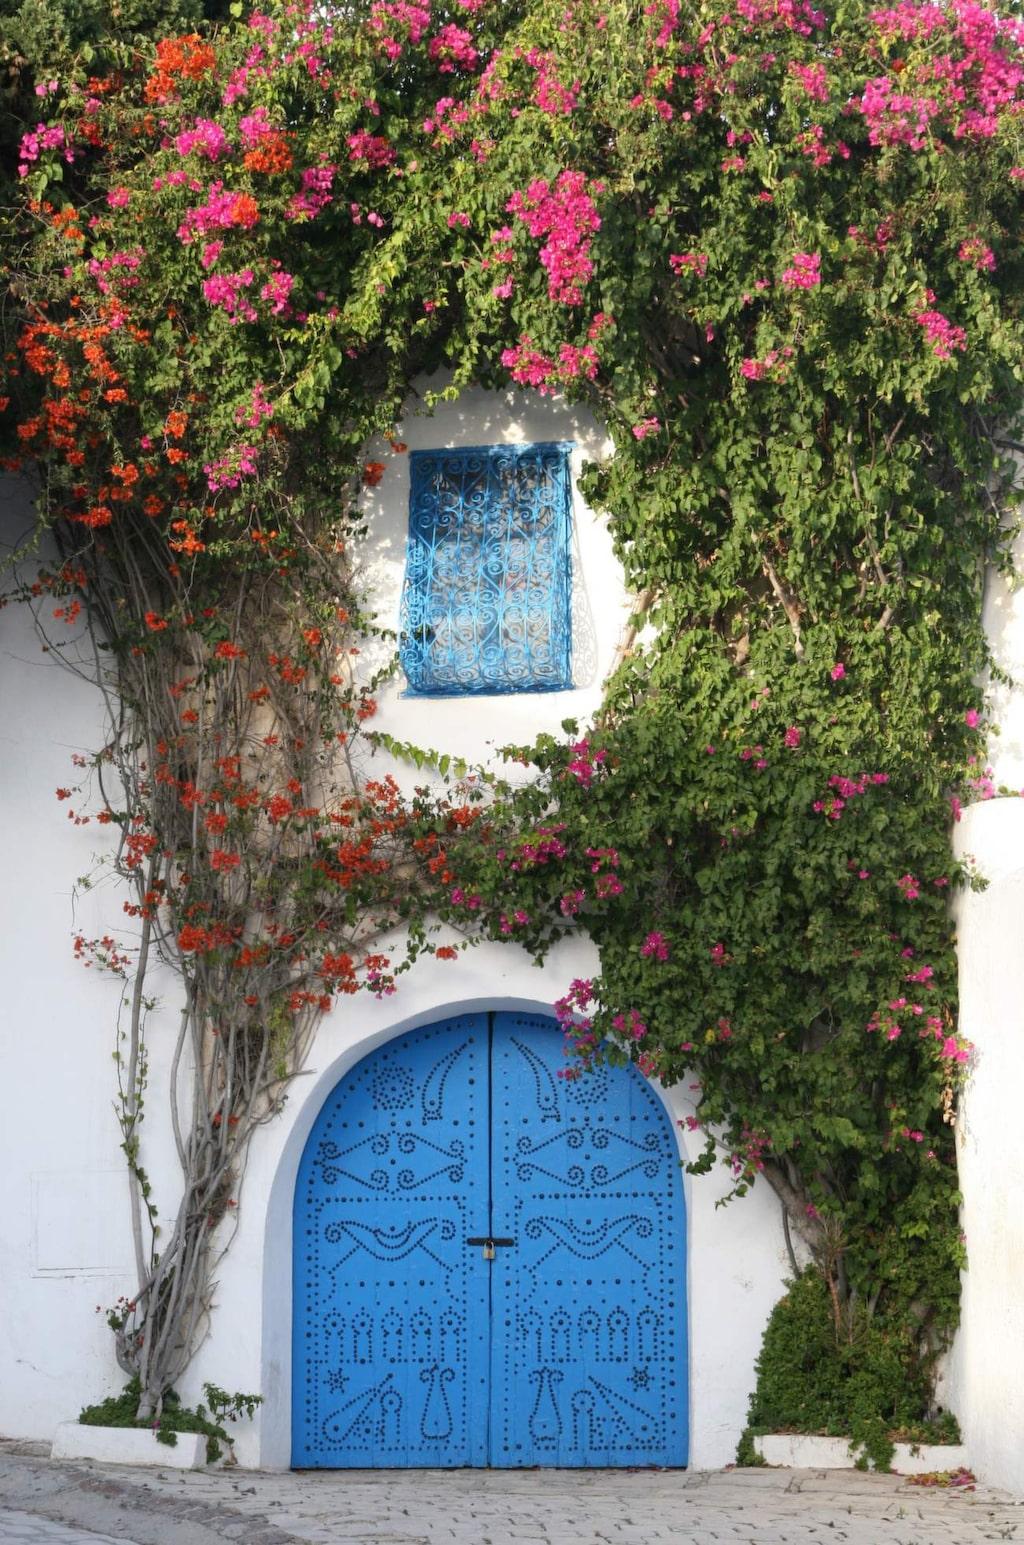 Sidi Bou Said ligger högst upp på en klippa med utsikt över Medelhavet.